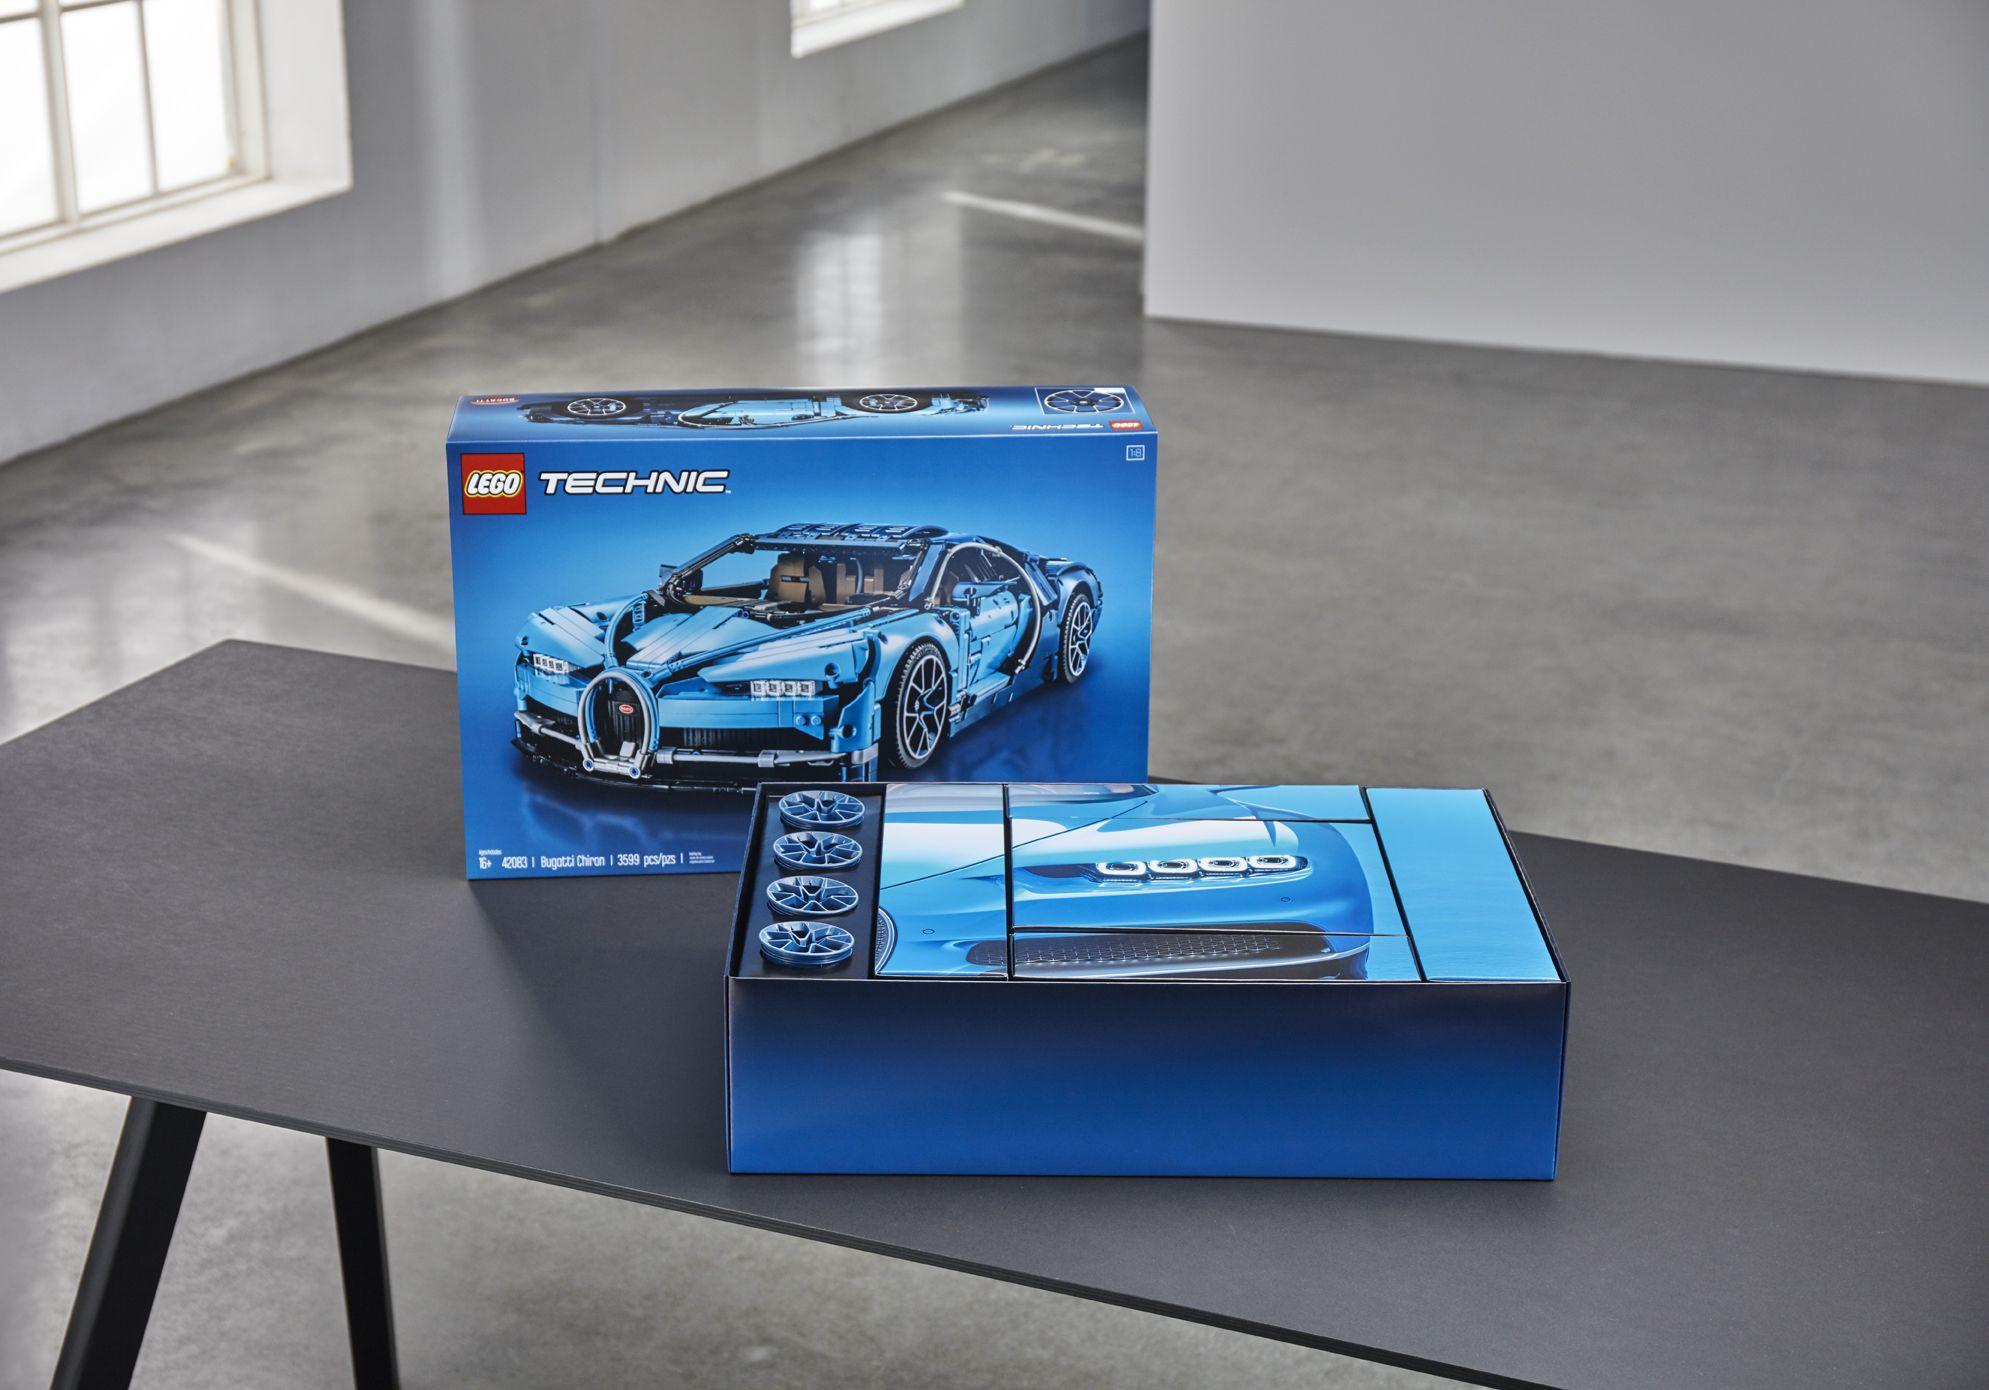 bugatti-chiron-lego-technic-34